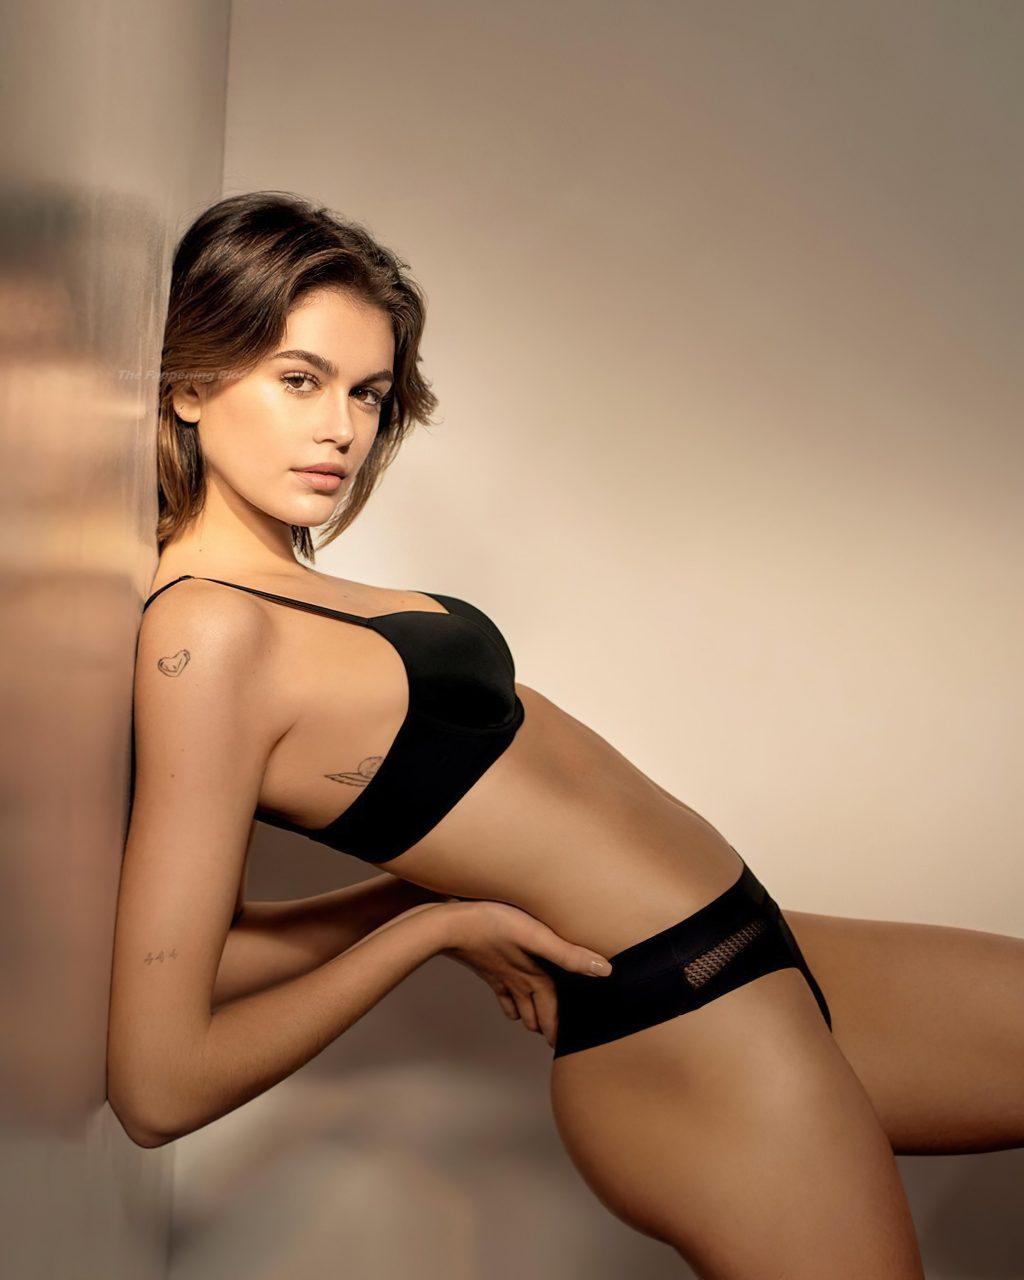 Kaia Gerber Poses for Calvin Klein (12 Photos)